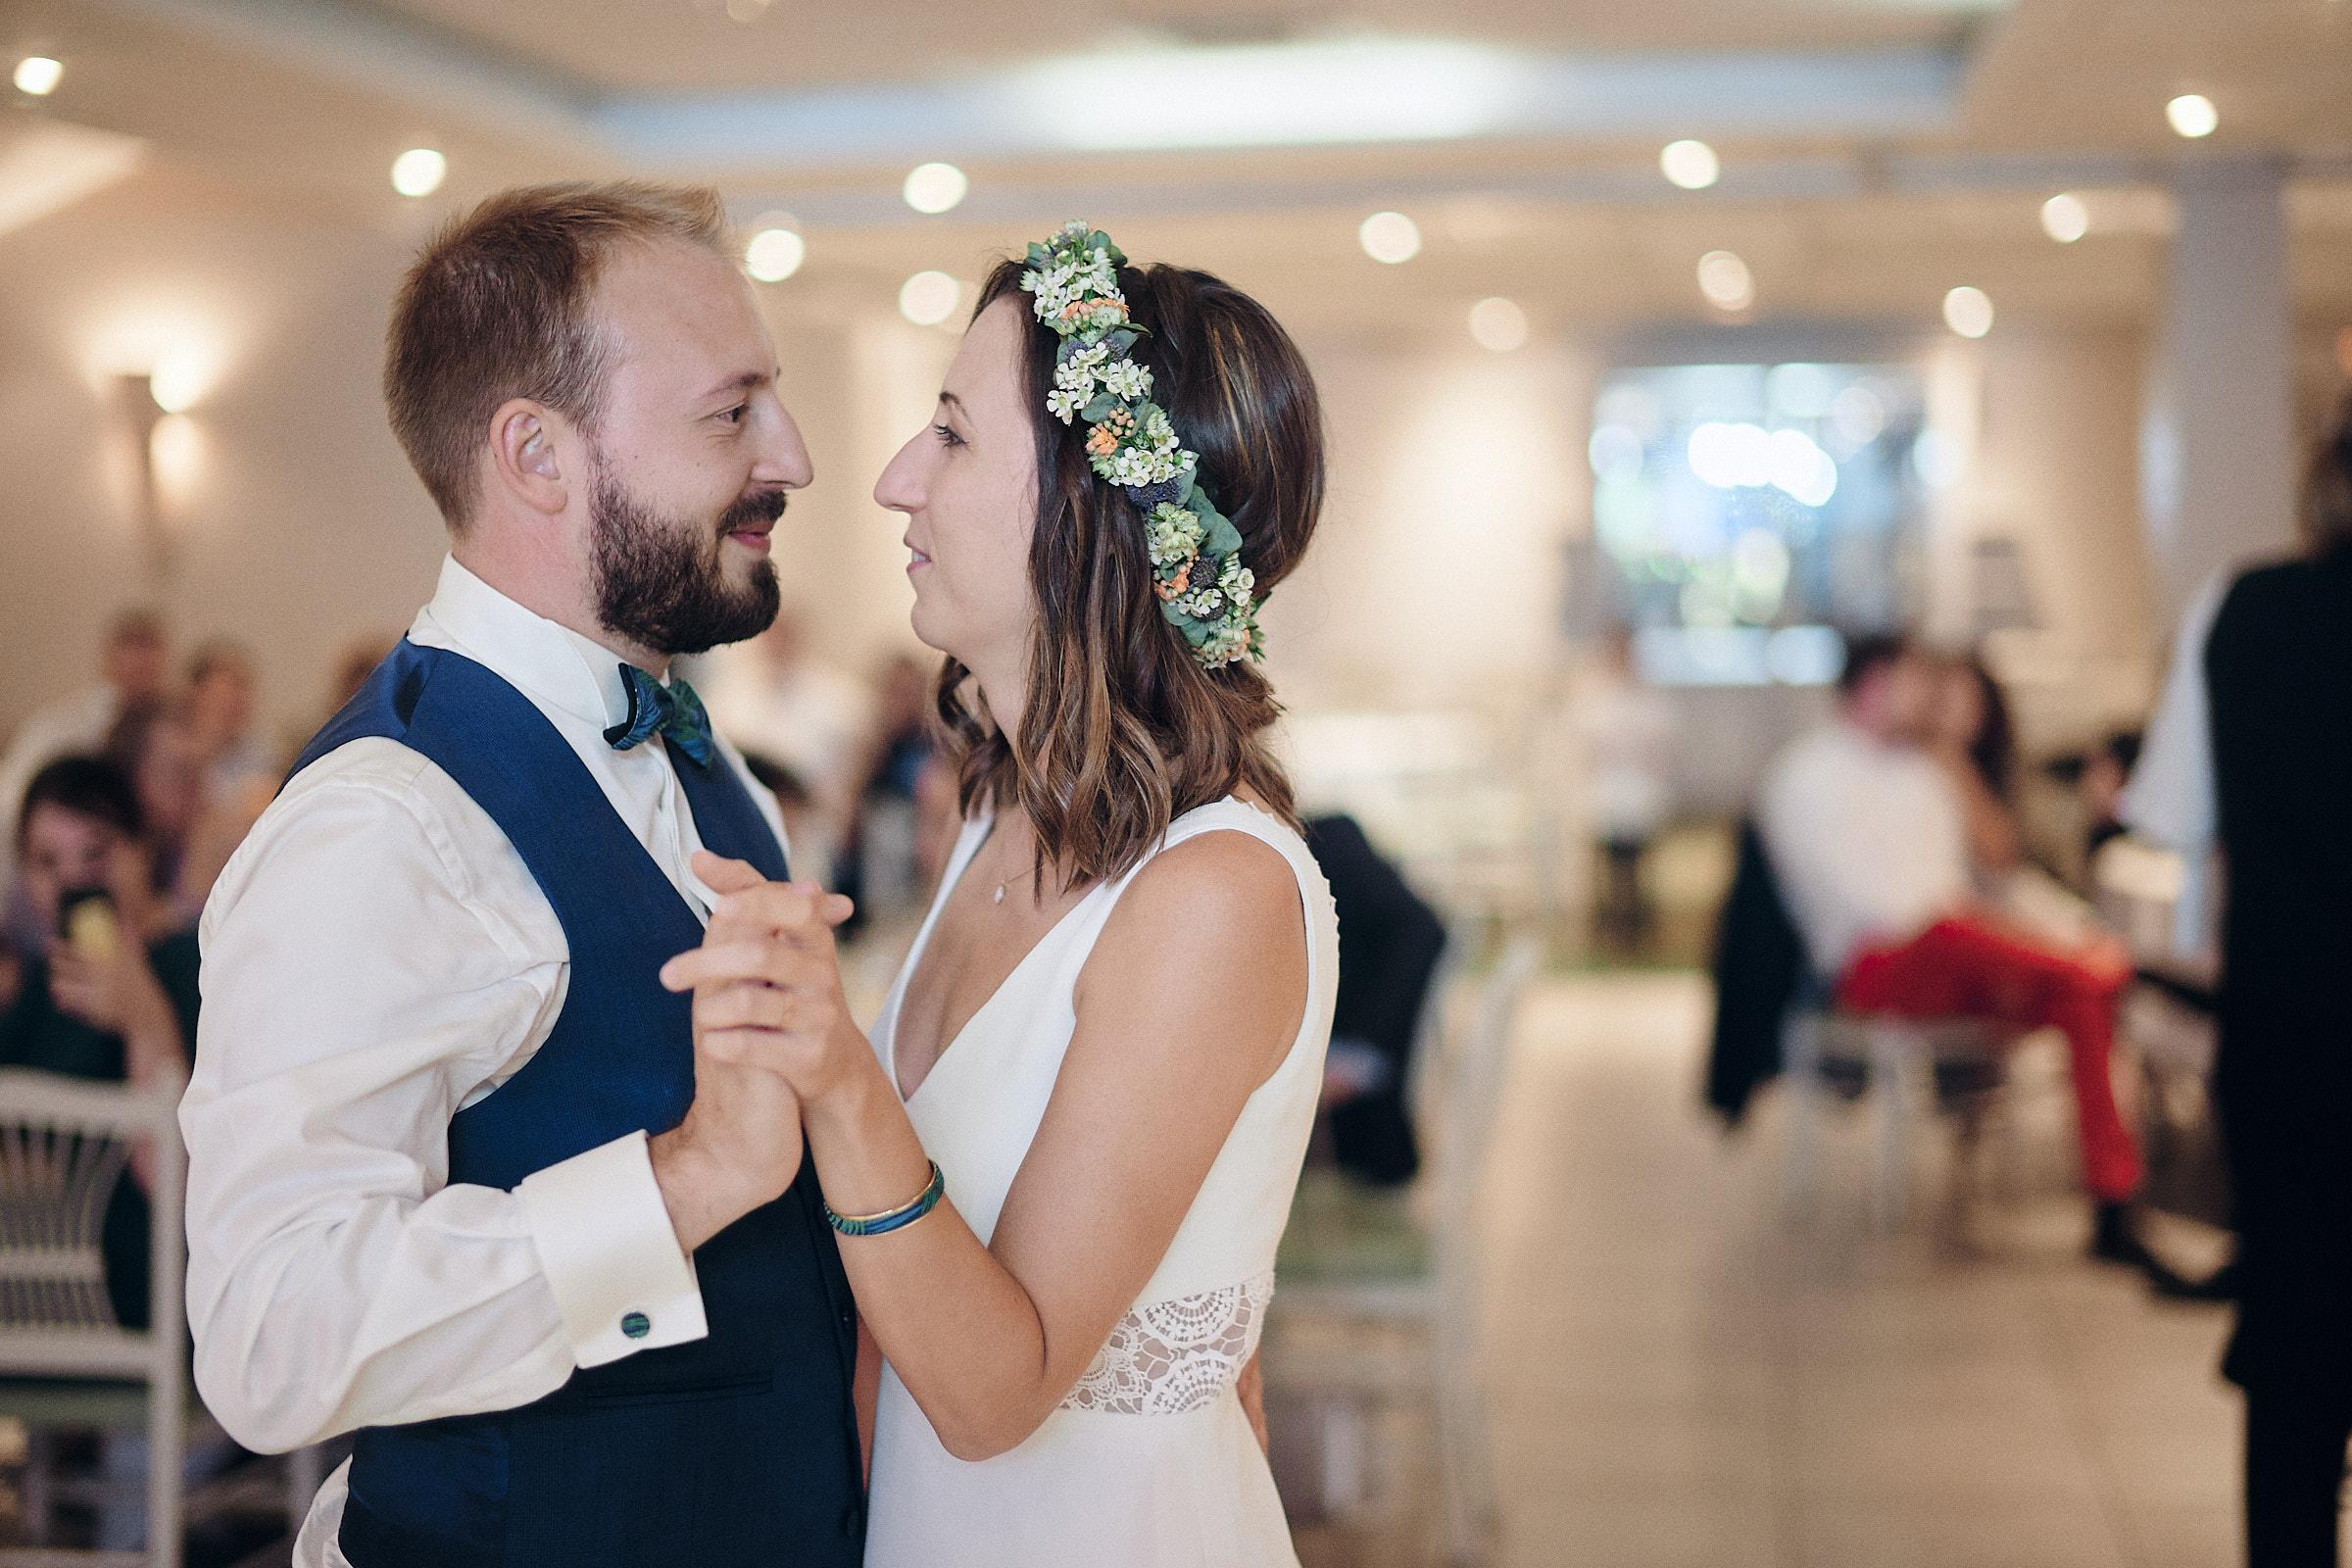 les maries dansent pendant que le pere de la mariee joue du piano